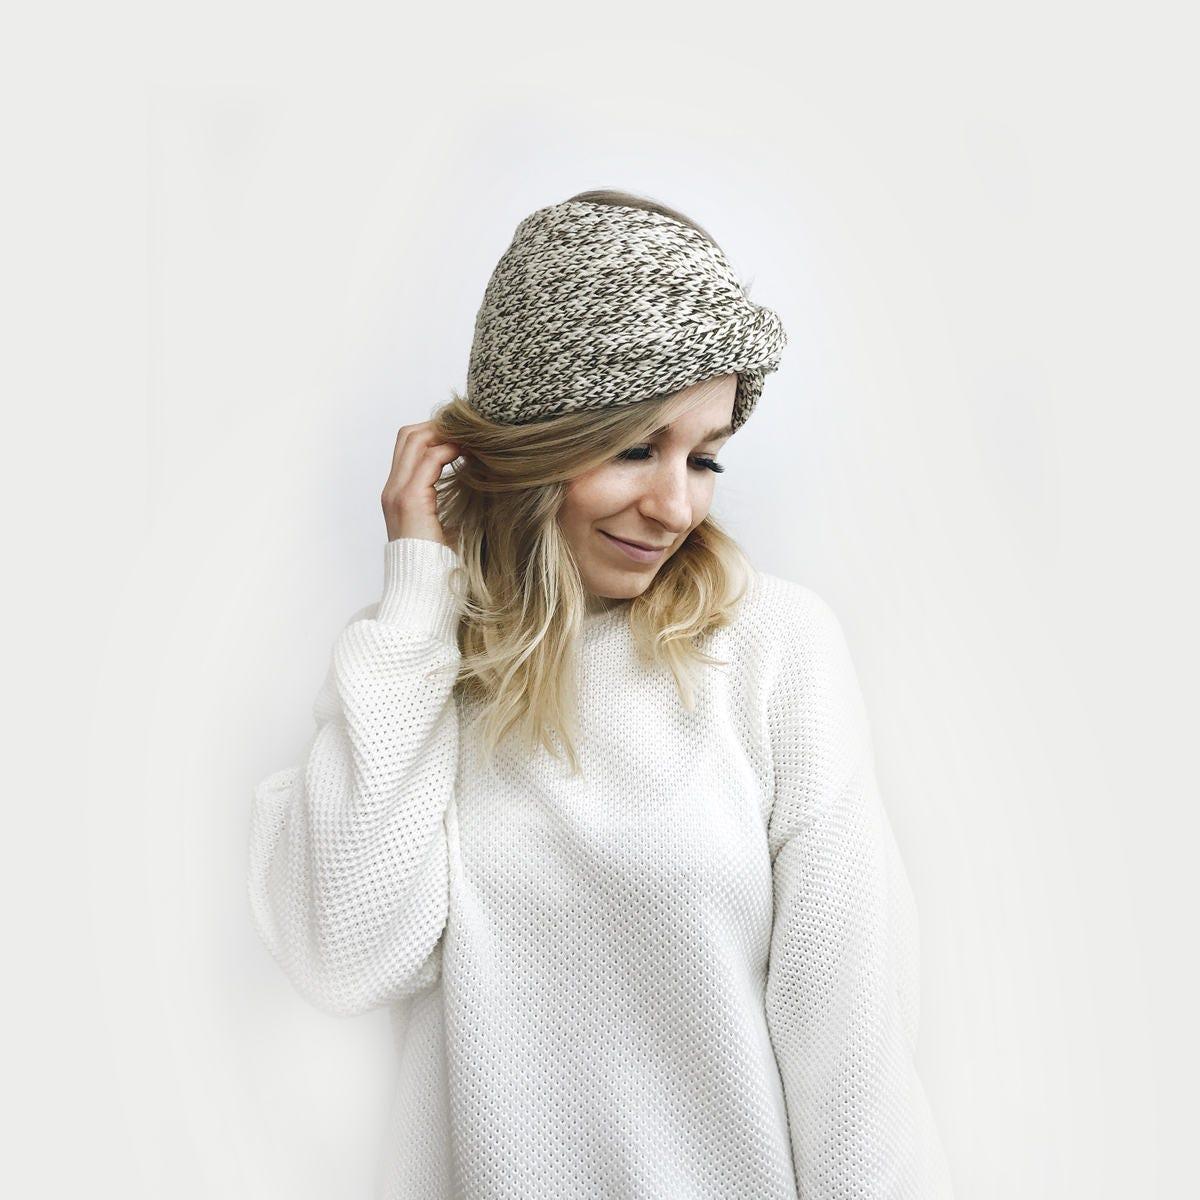 Knit Turban Headband Twisted Earwarmer The Roseaux in OAK